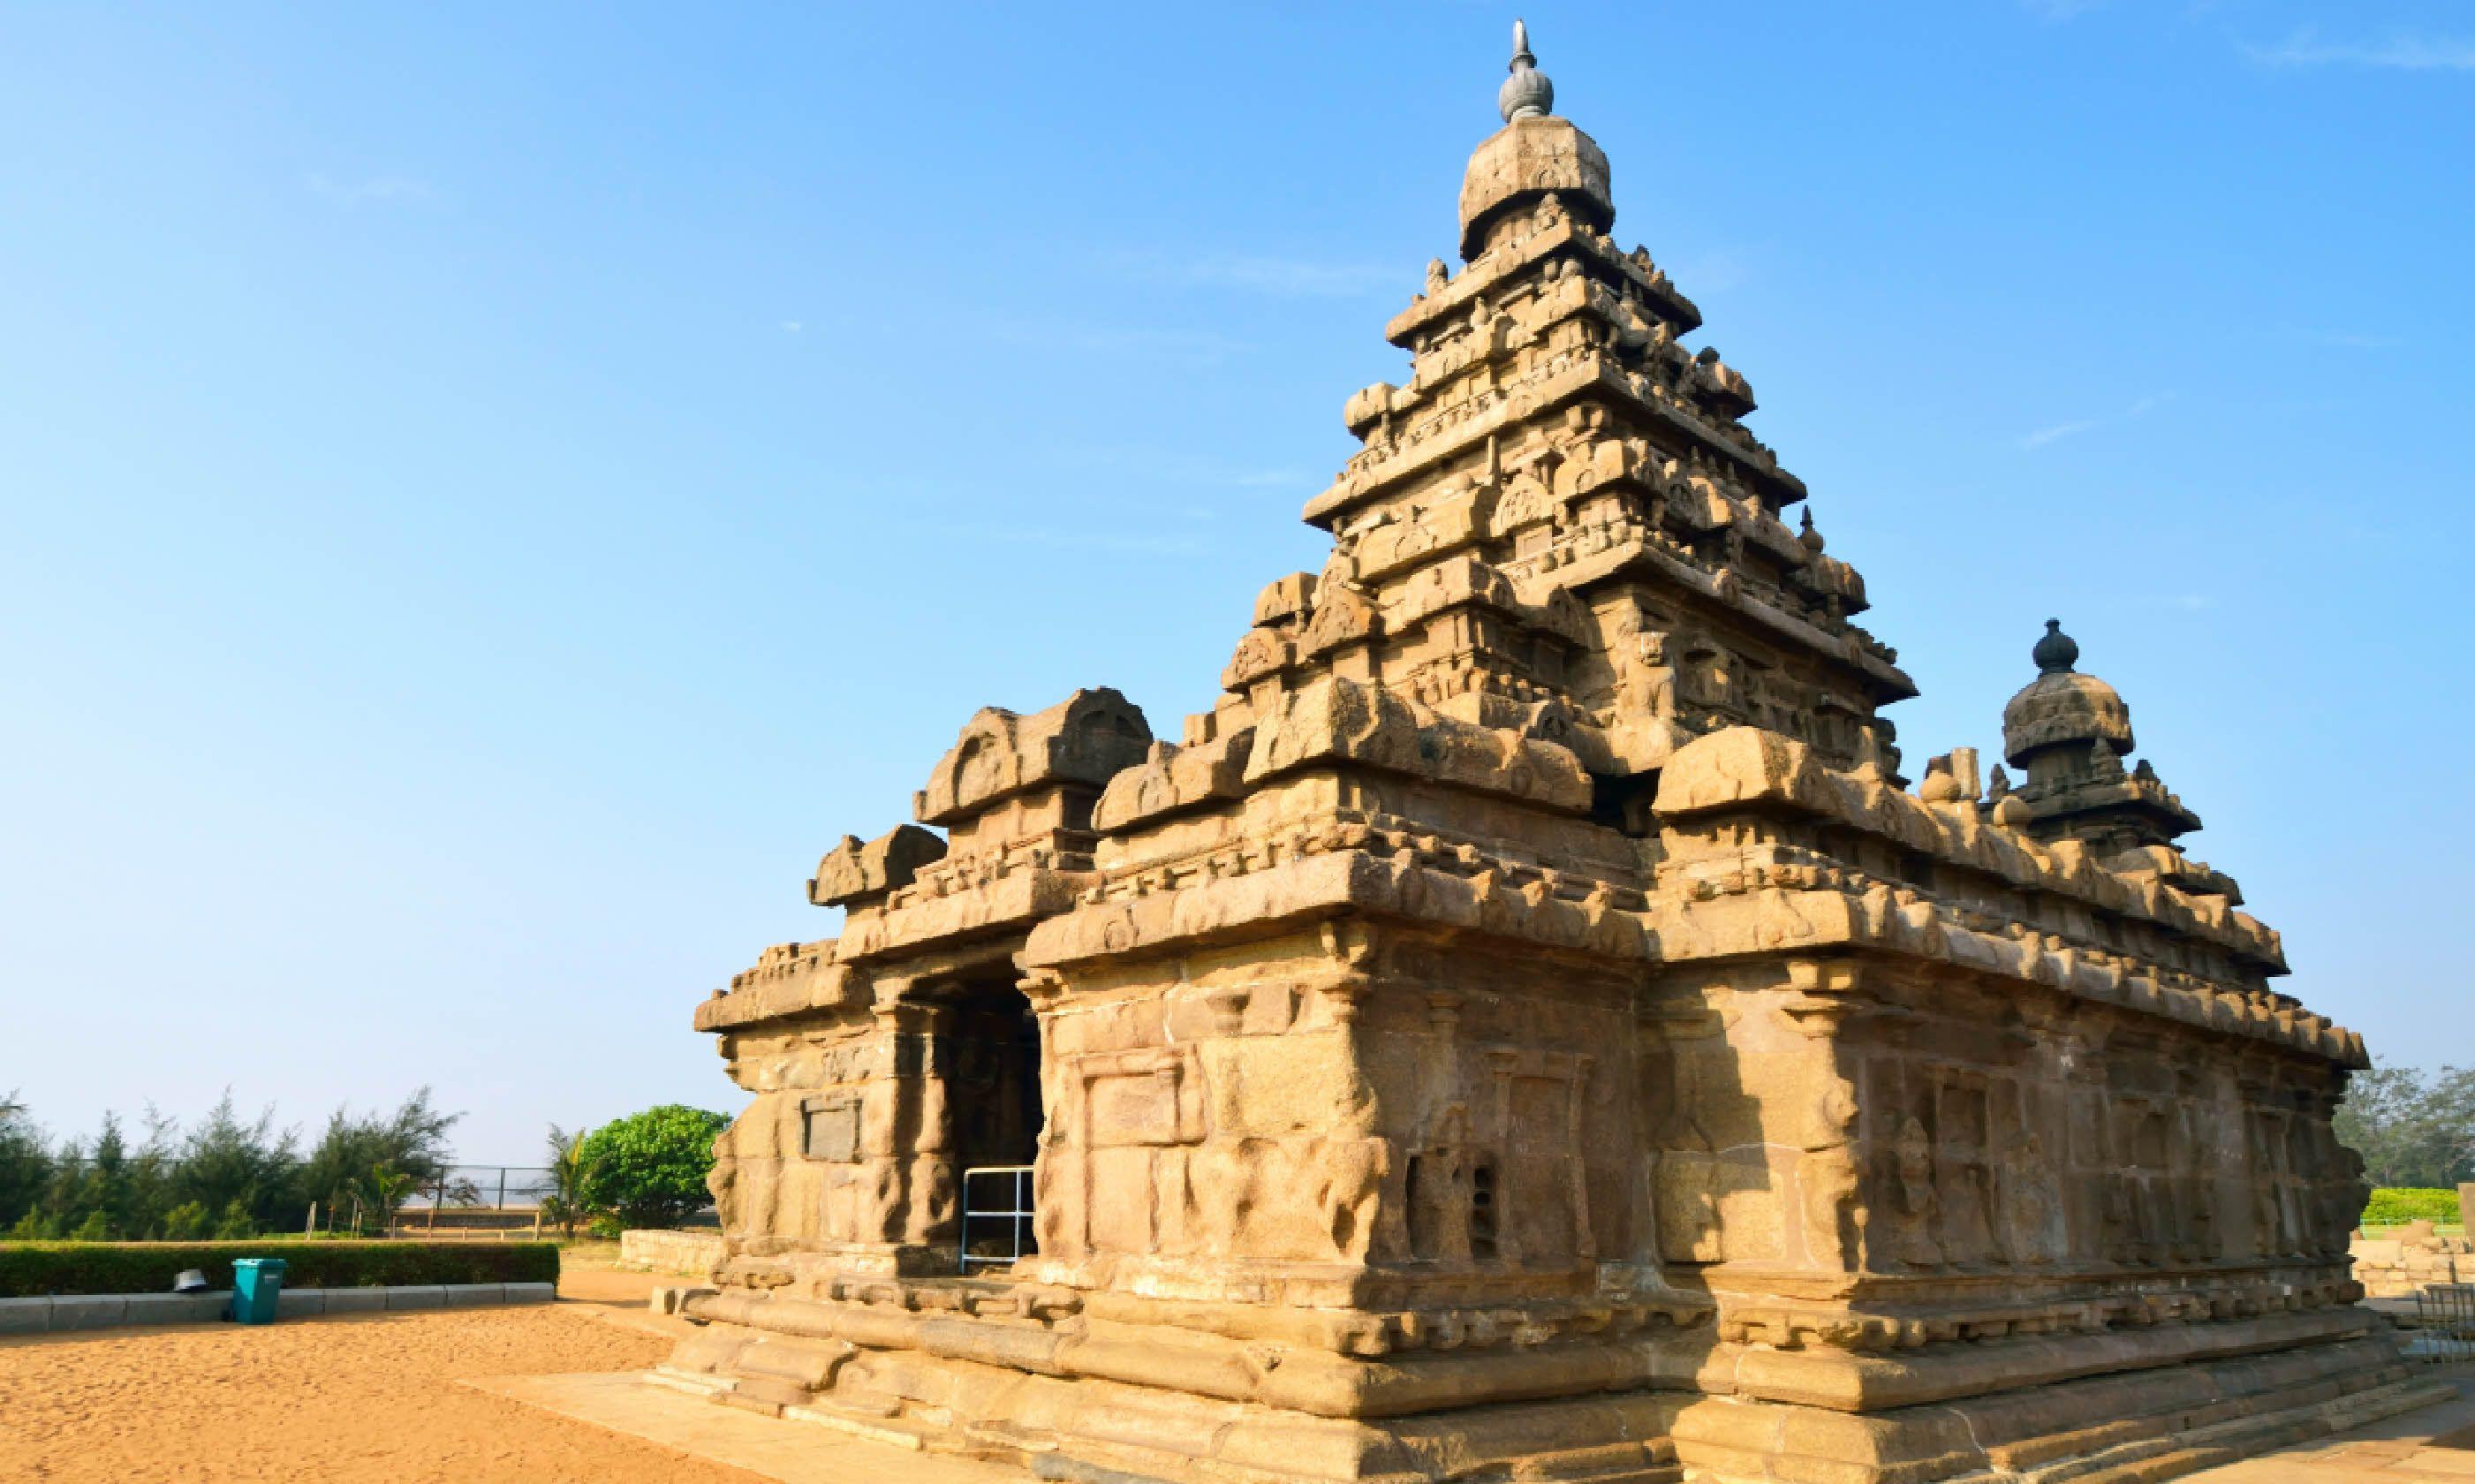 Shore Temple, Mahabalipuram, India (Dreamstime)